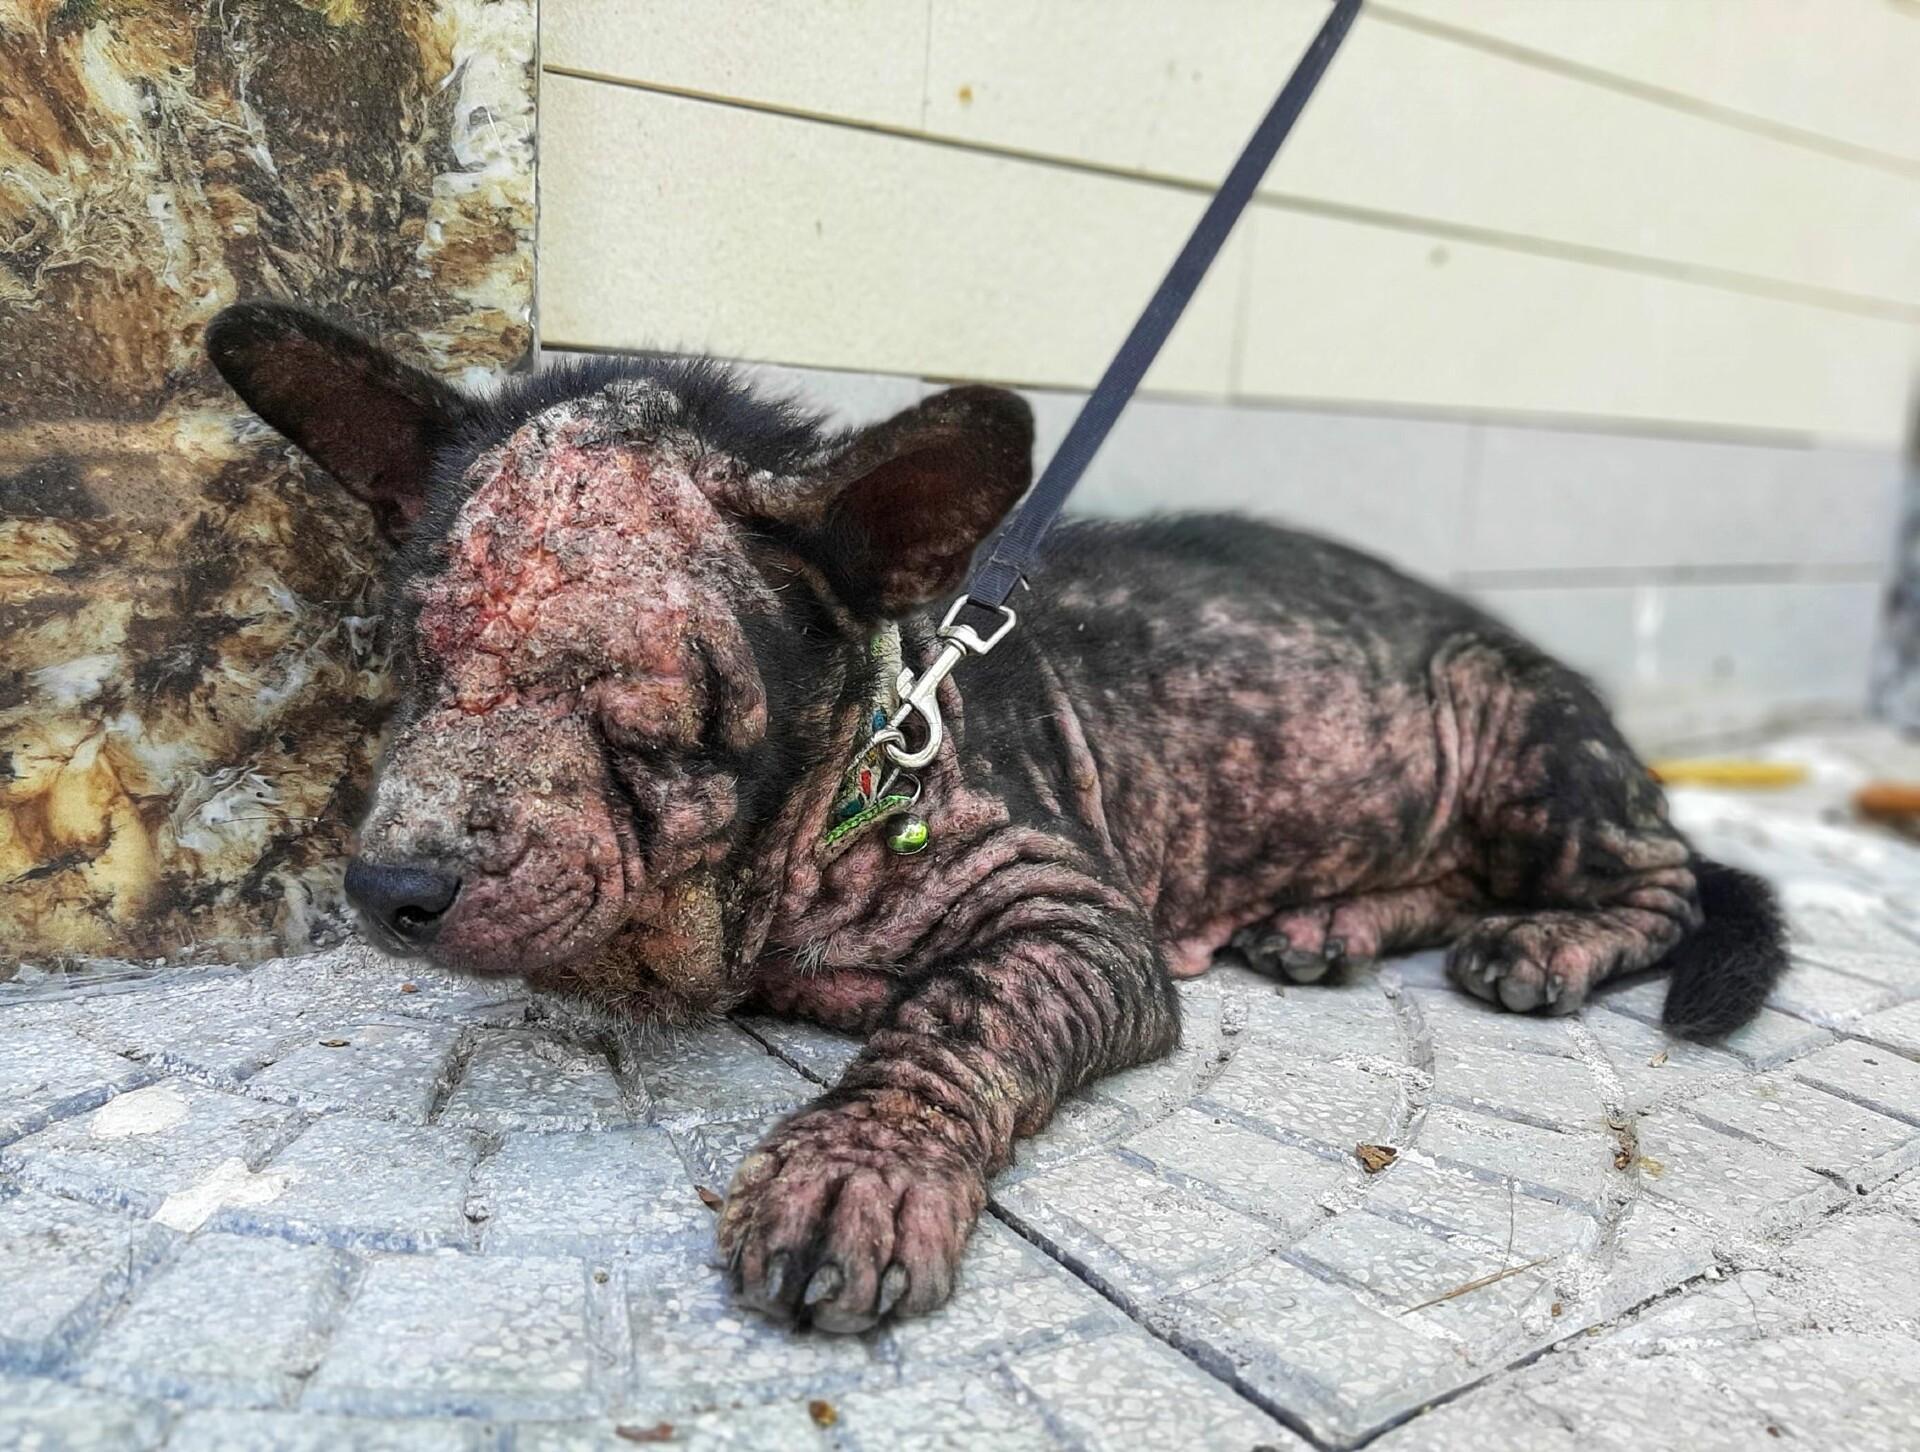 Hund Moo als er gefunden wurde